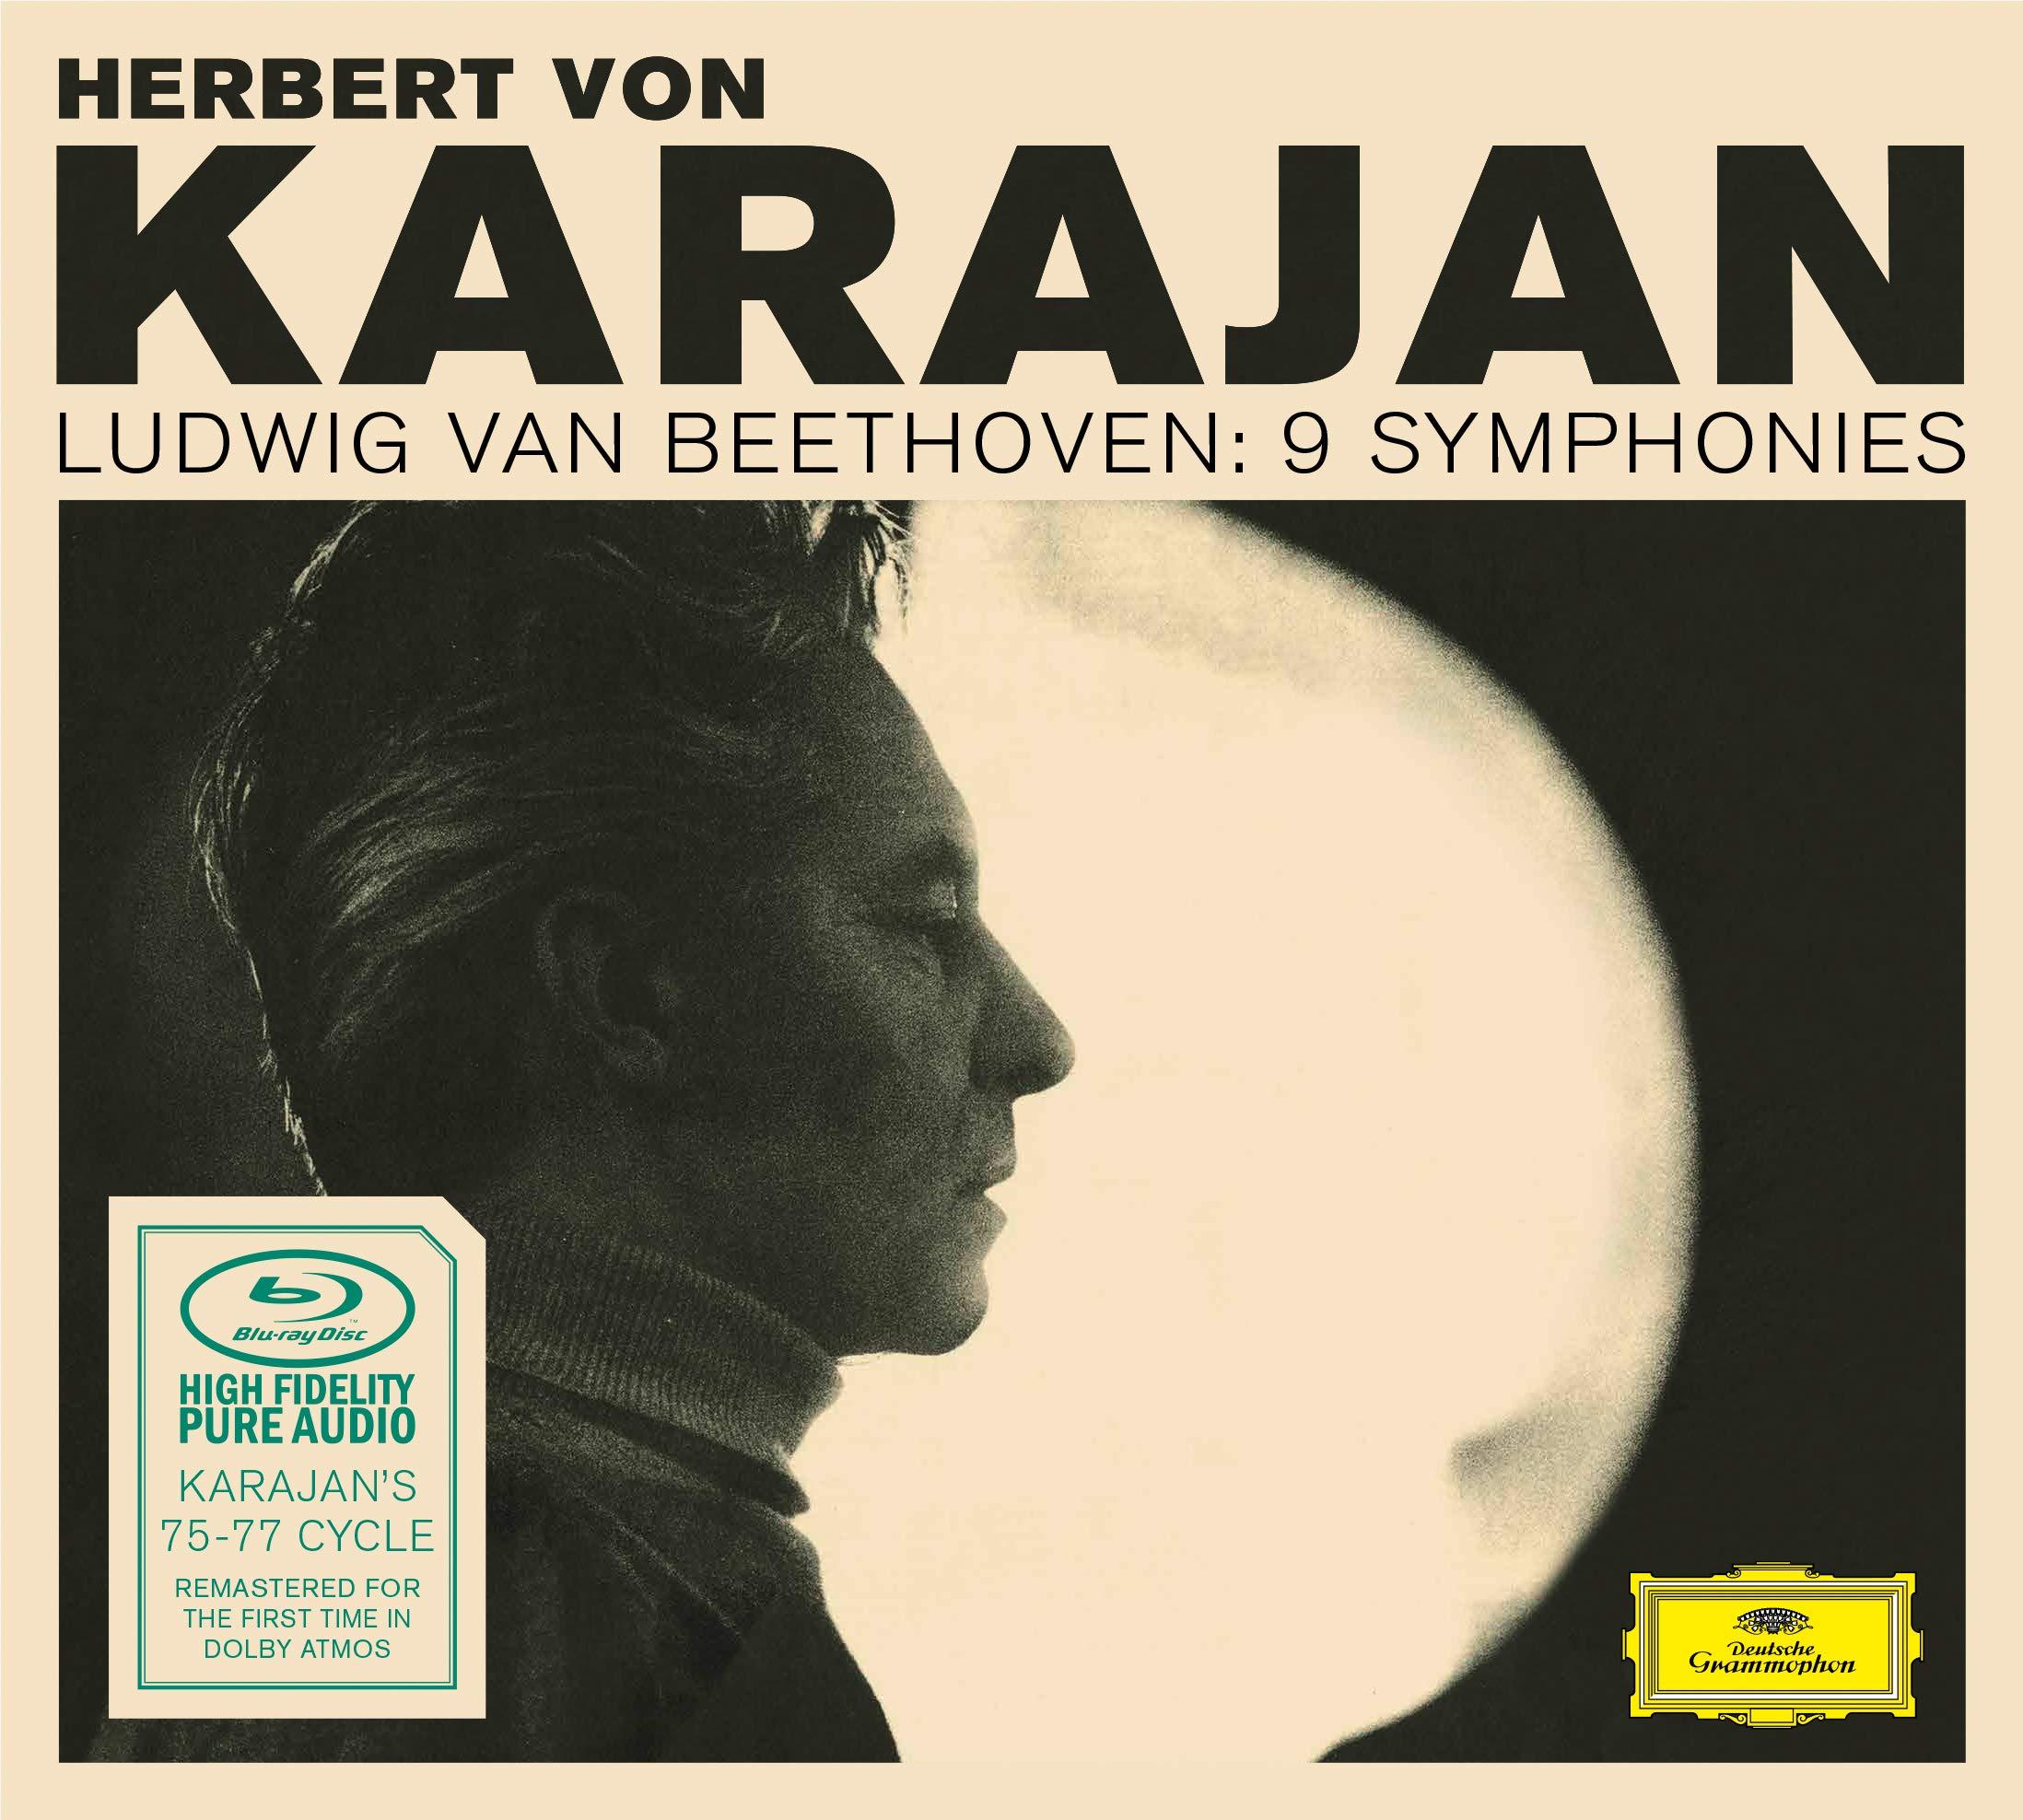 Blu-ray Audio : HERBERT VON KARAJAN/BERLINER PHILHARMONIKER - Symphonies (Blu-ray Audio)